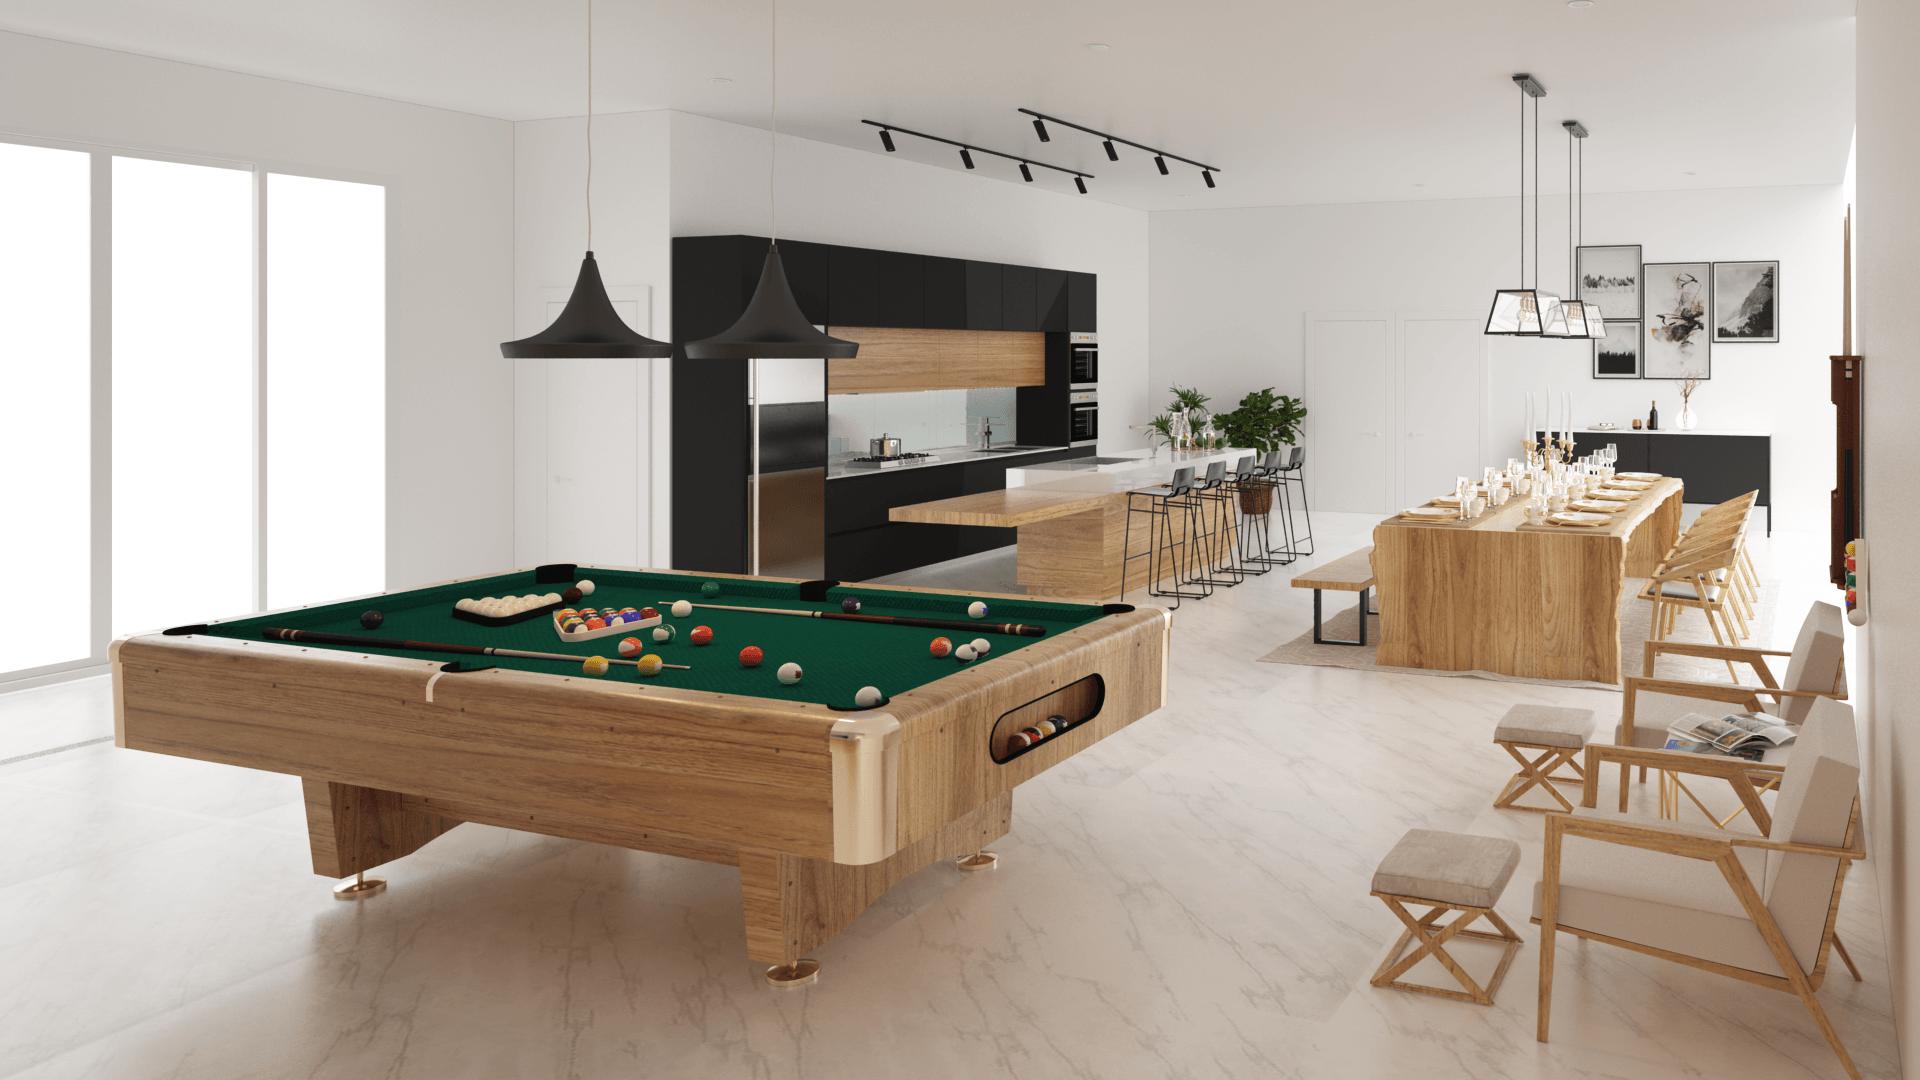 Mimo Home Interior Design & Build Private Residence - Serpong Serpong, Jakarta Serpong, Jakarta 5S   32332